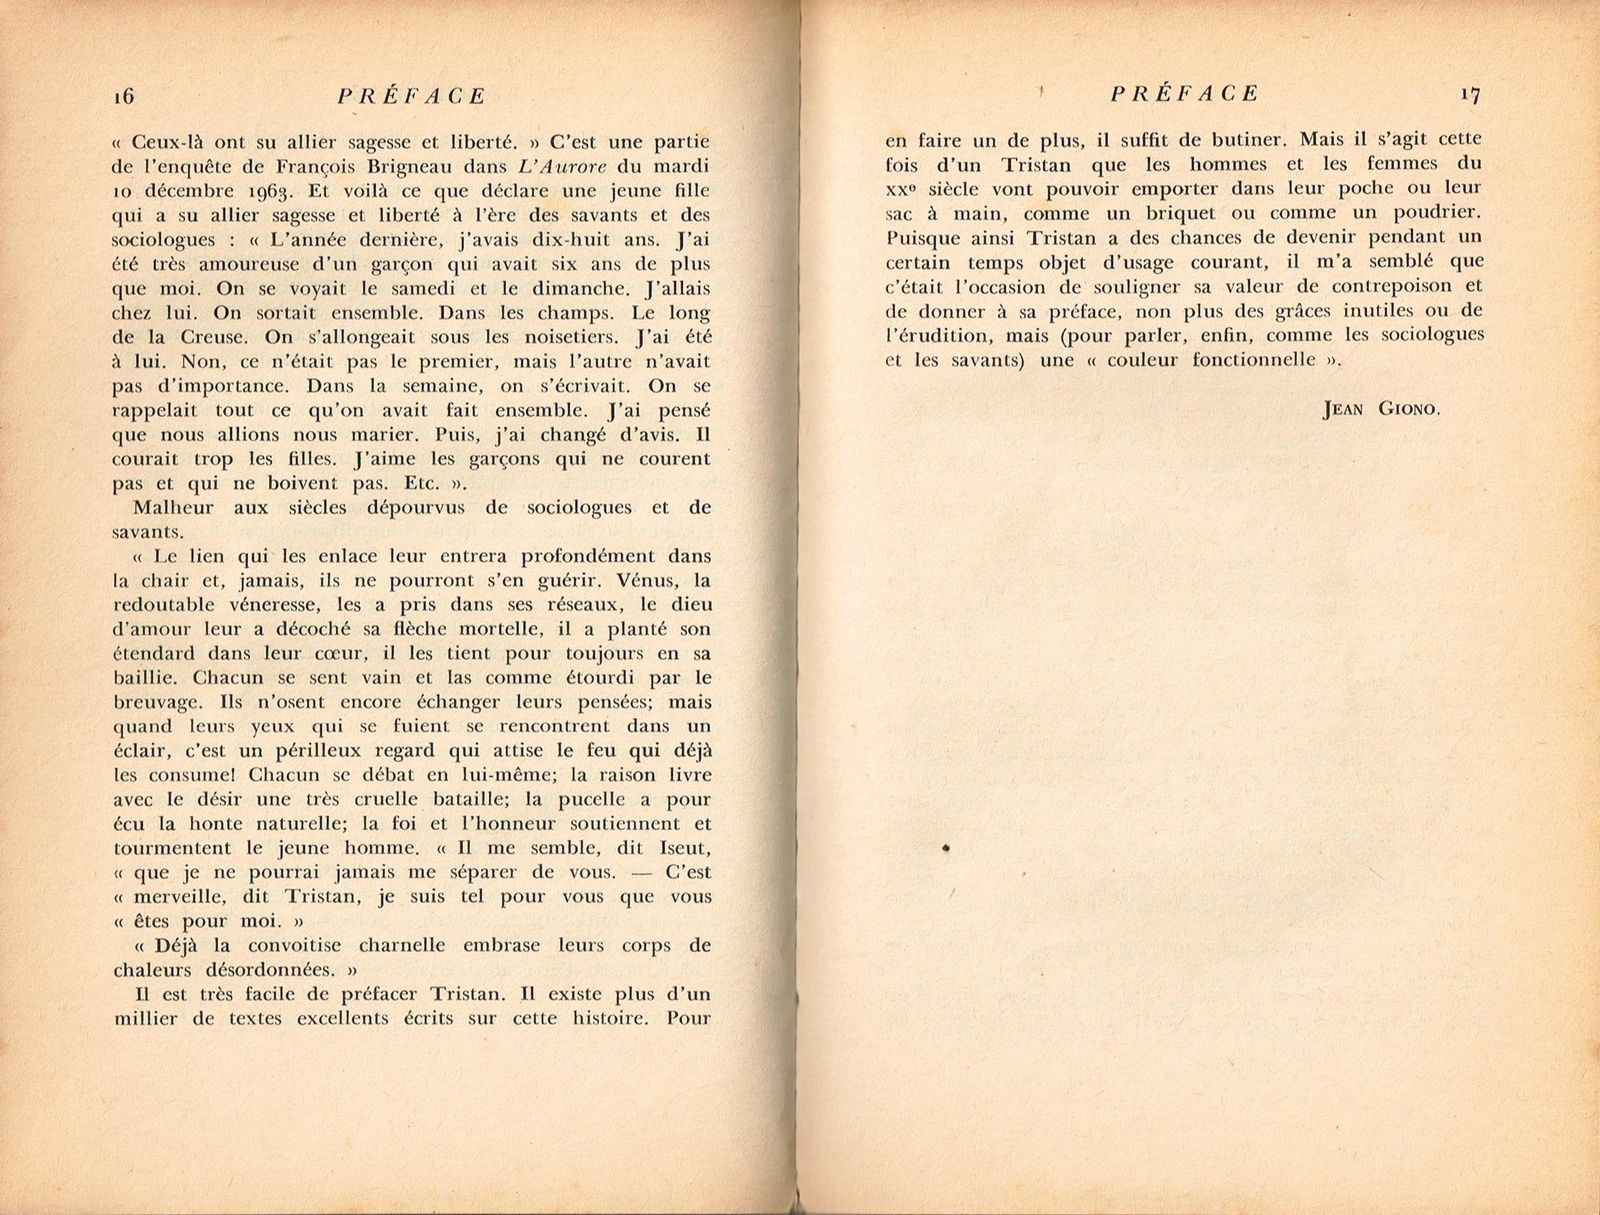 &quot&#x3B;Les temps ont changé&quot&#x3B;... Préface de Jean Giono à Tristan et Iseut (1941)